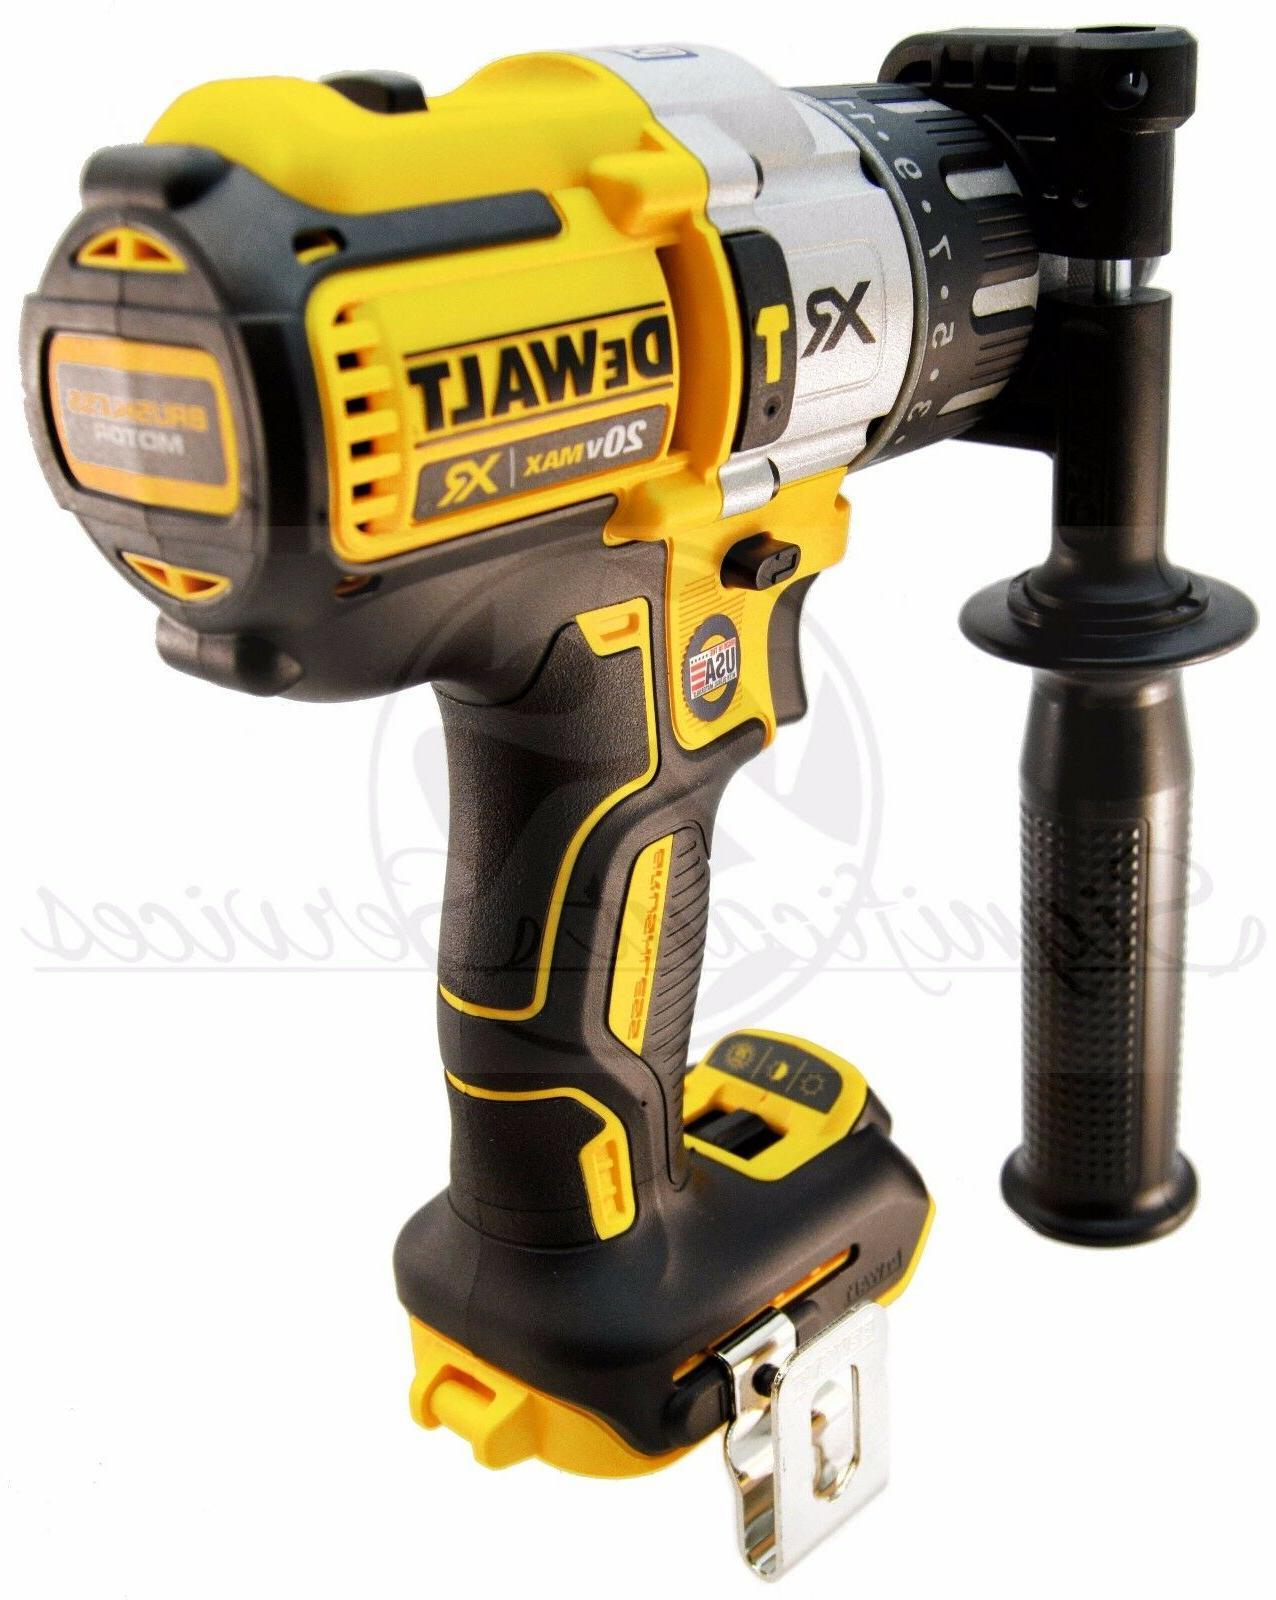 DeWALT DCD996 XR Cordless 3-Speed 1/2 Drill